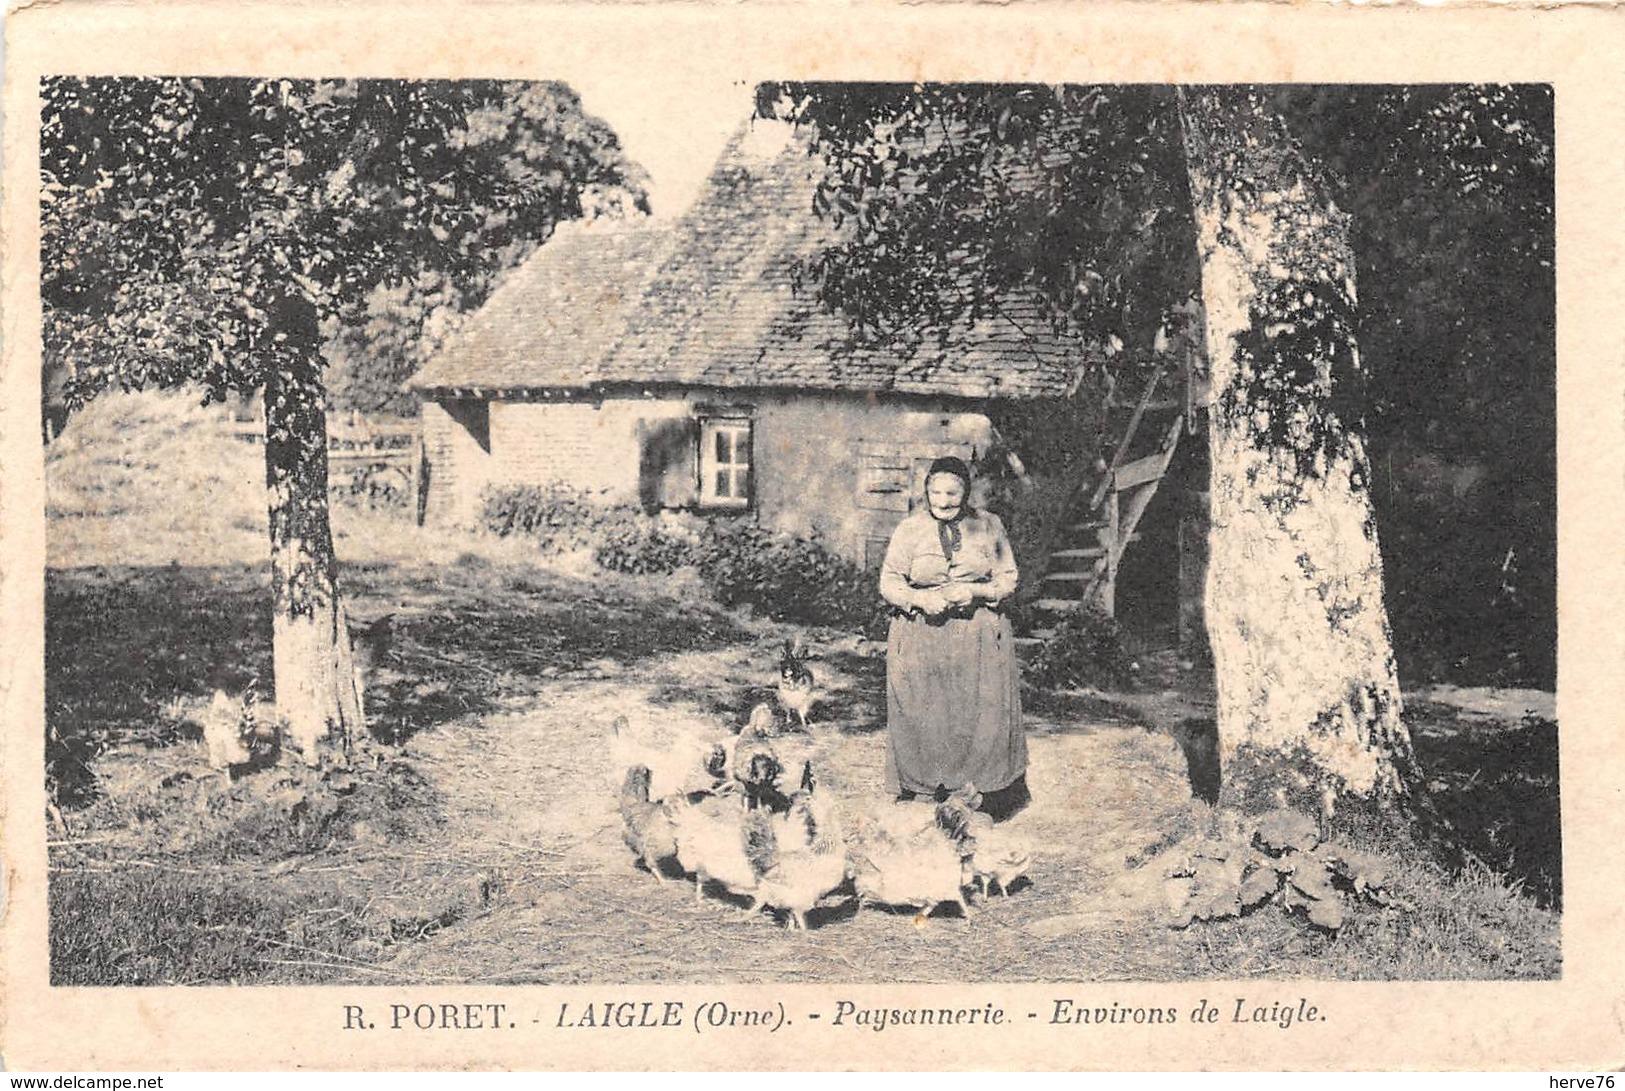 L'AIGLE - LAIGLE - Paysannerie - Environs De Laigle - L'Aigle